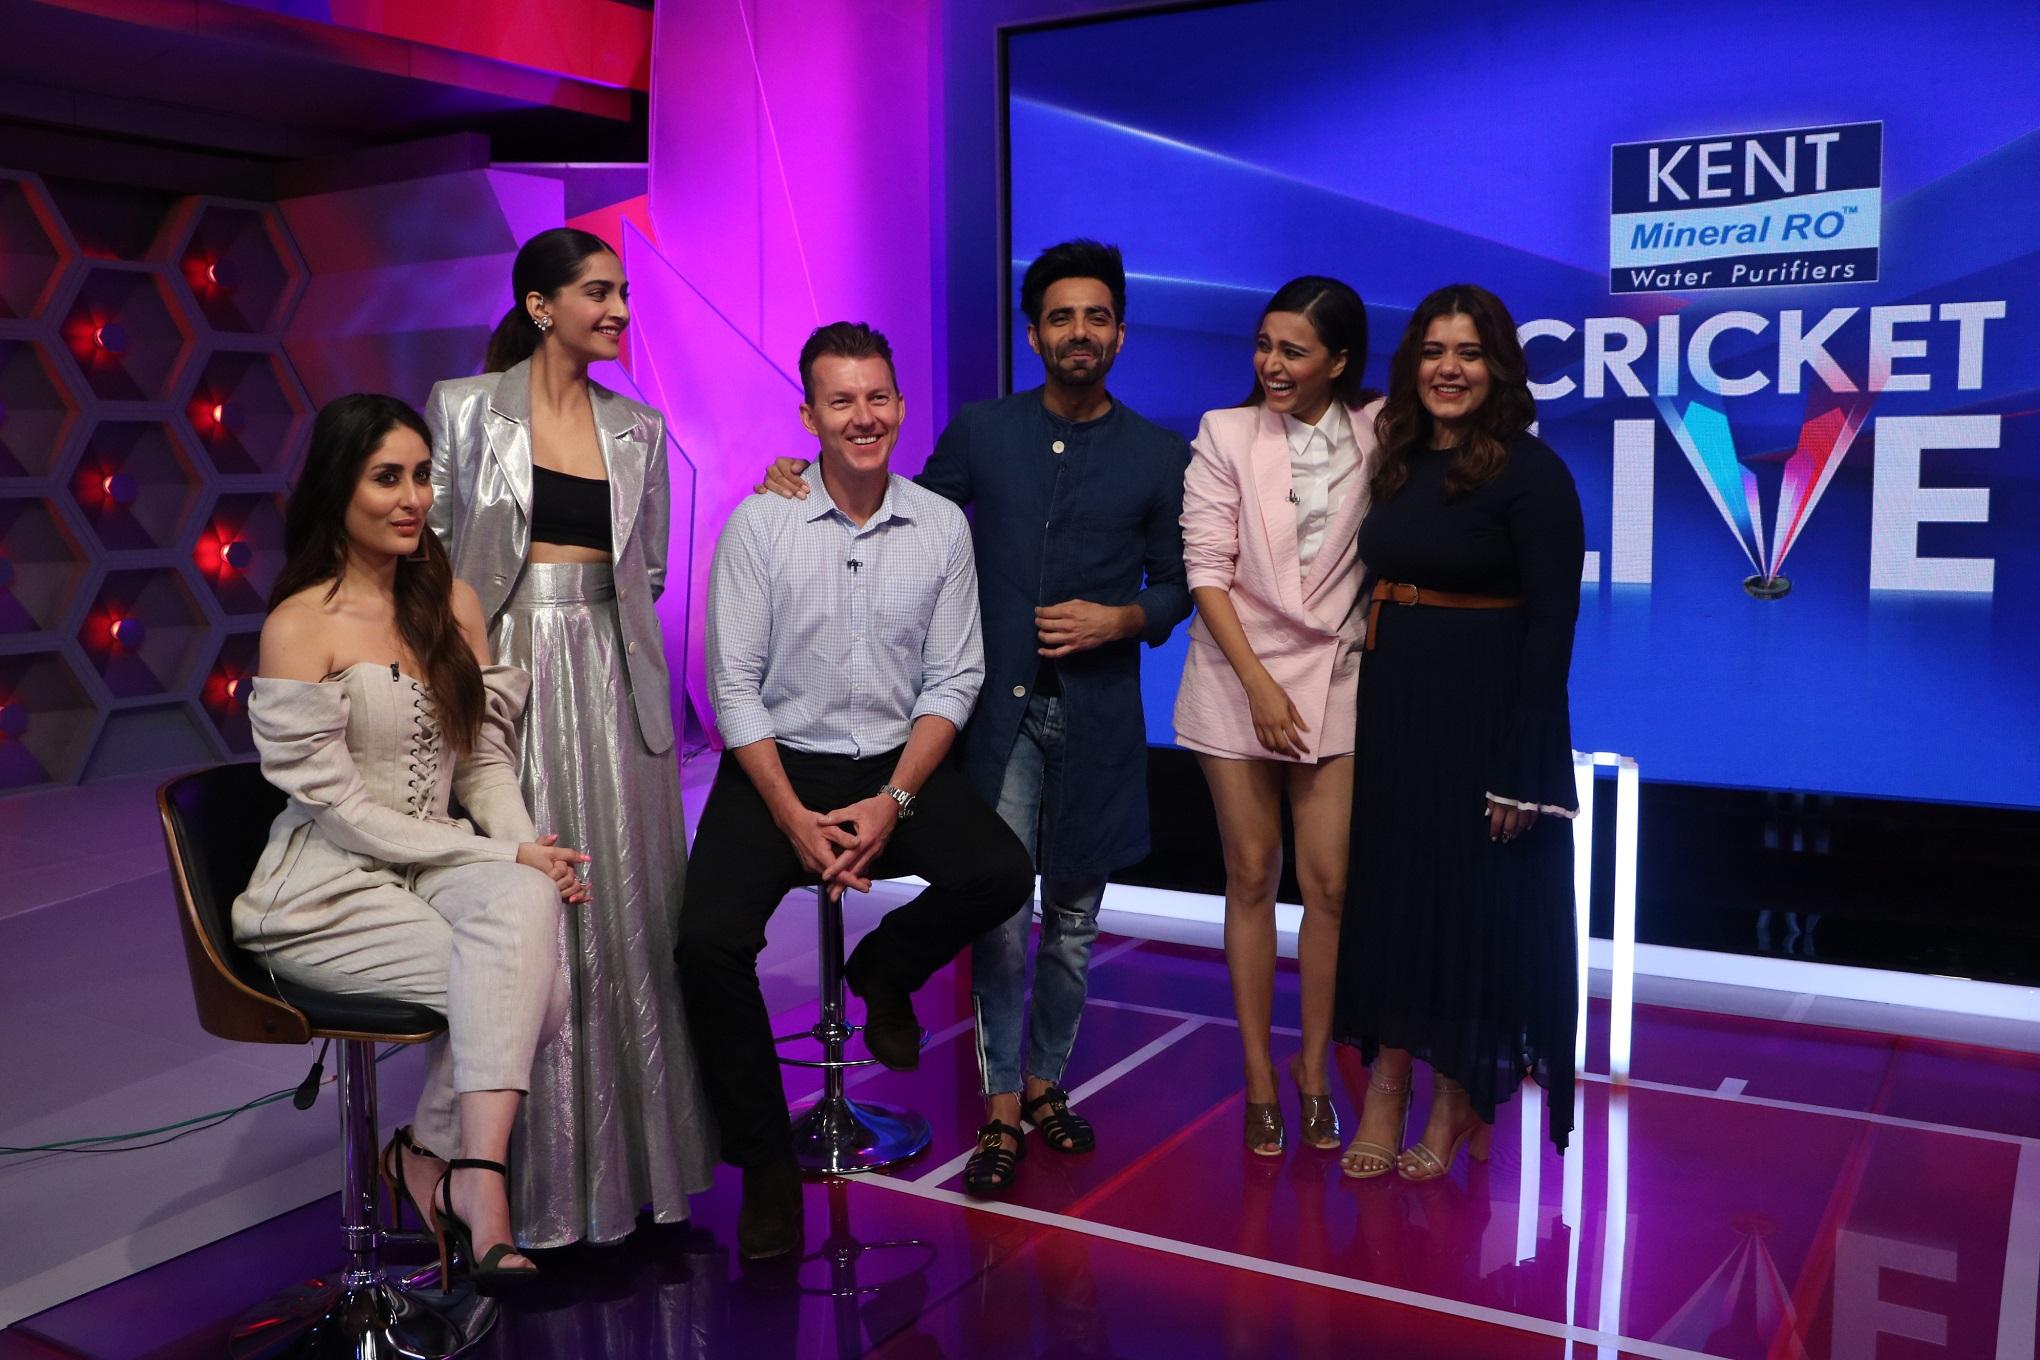 Kareena Kapoor Khan, Sonam Kapoor, Brett Lee, Aparshakti Khurana, Swara Bhaskar and Shikha Talsania at Kent Cricket Live on Star Sports Network